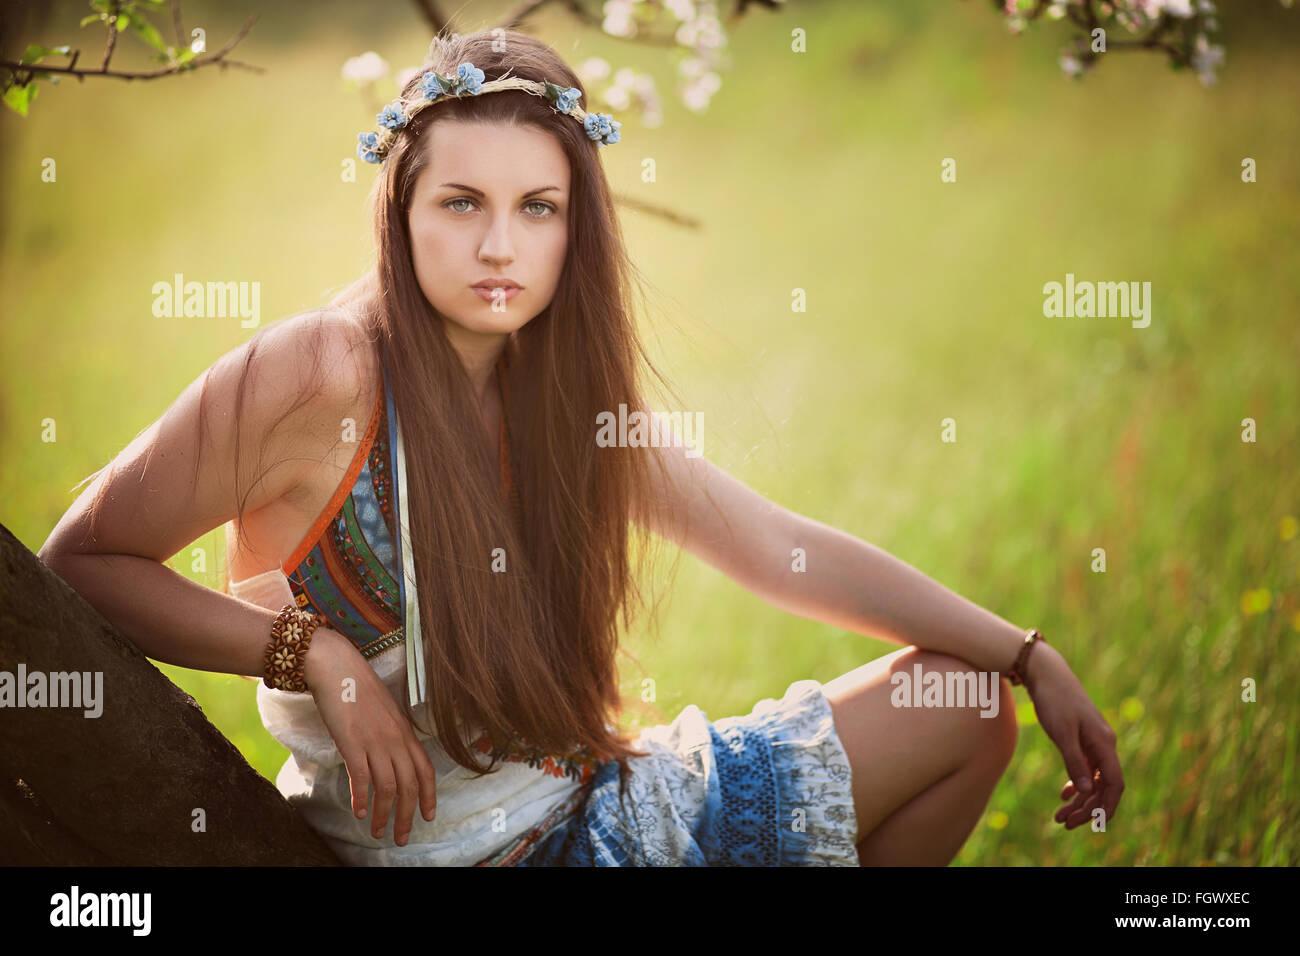 Belle femme hippie s'appuyant sur un arbre . La nature et la paix Photo Stock